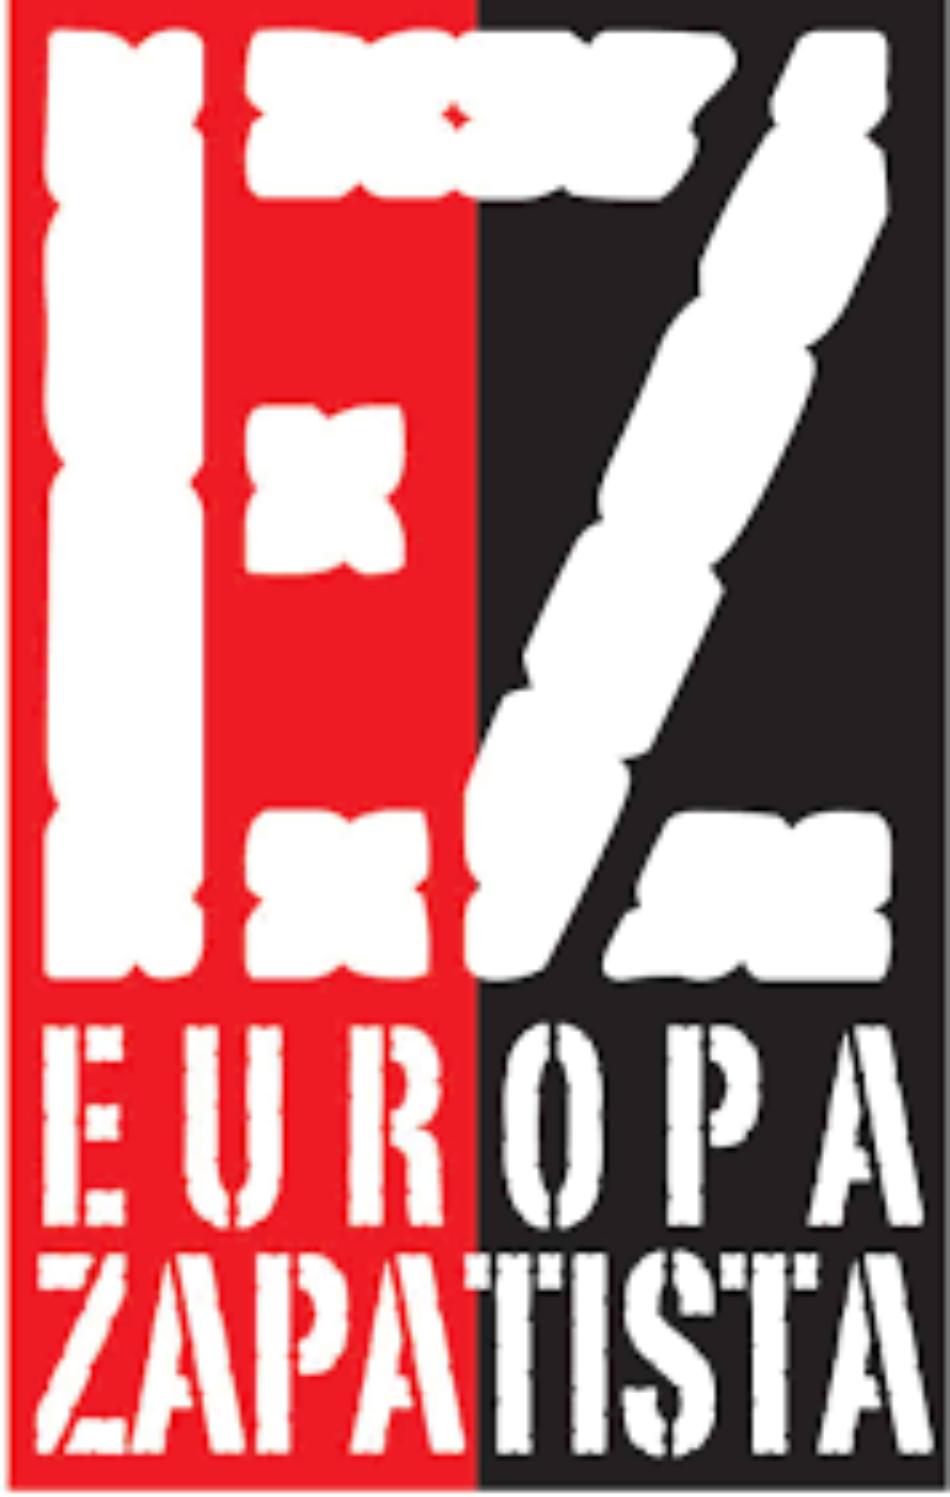 La Red Europa Zapatista denuncia la guerra contra los pueblos originarios en México y señala a sus responsables